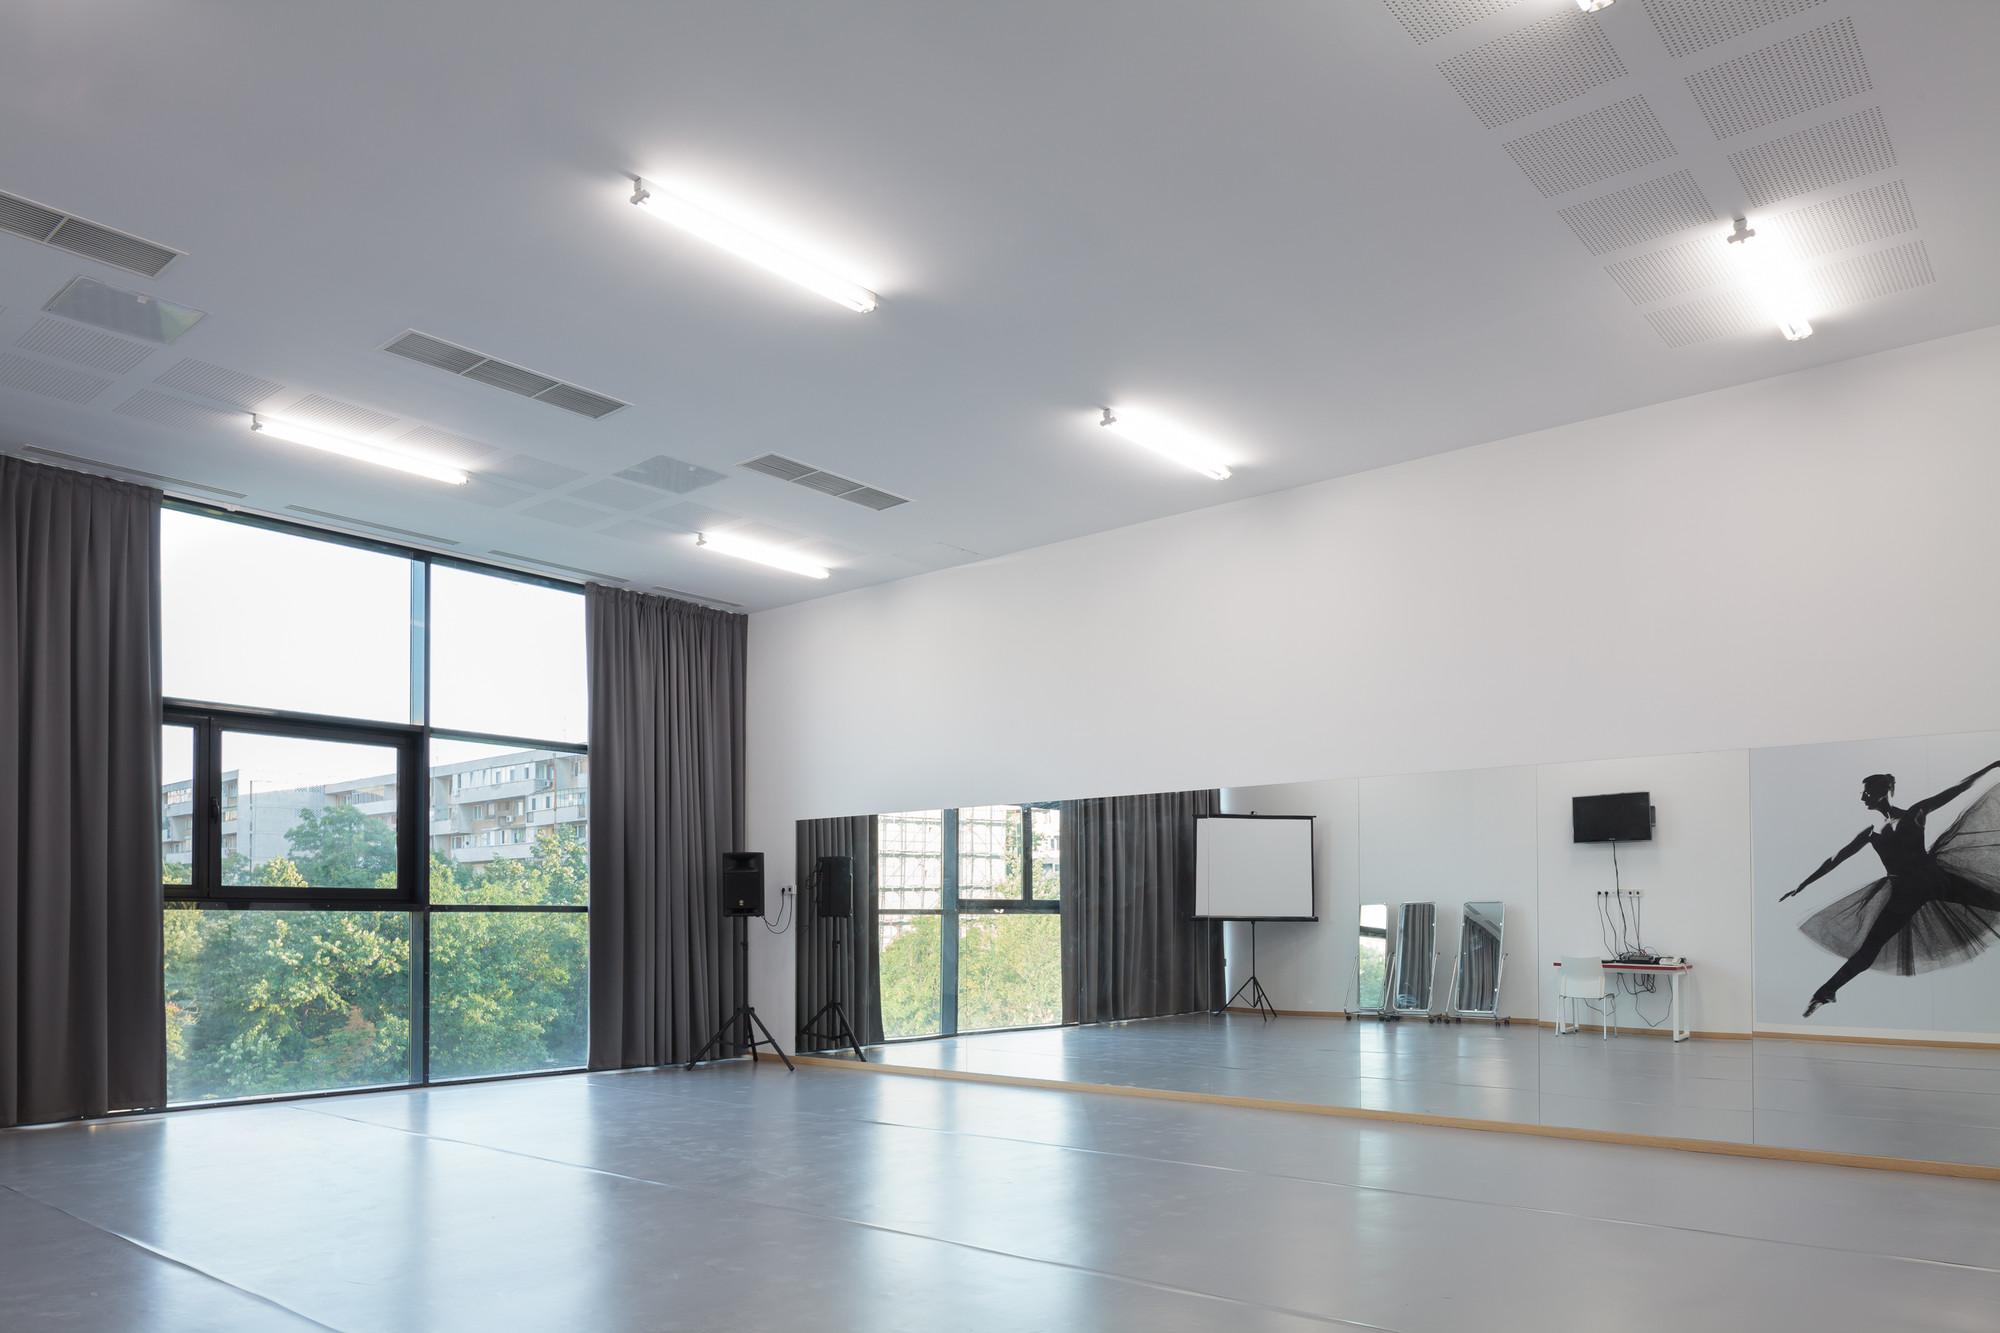 Escuela de Música y Artes / LTFB Studio